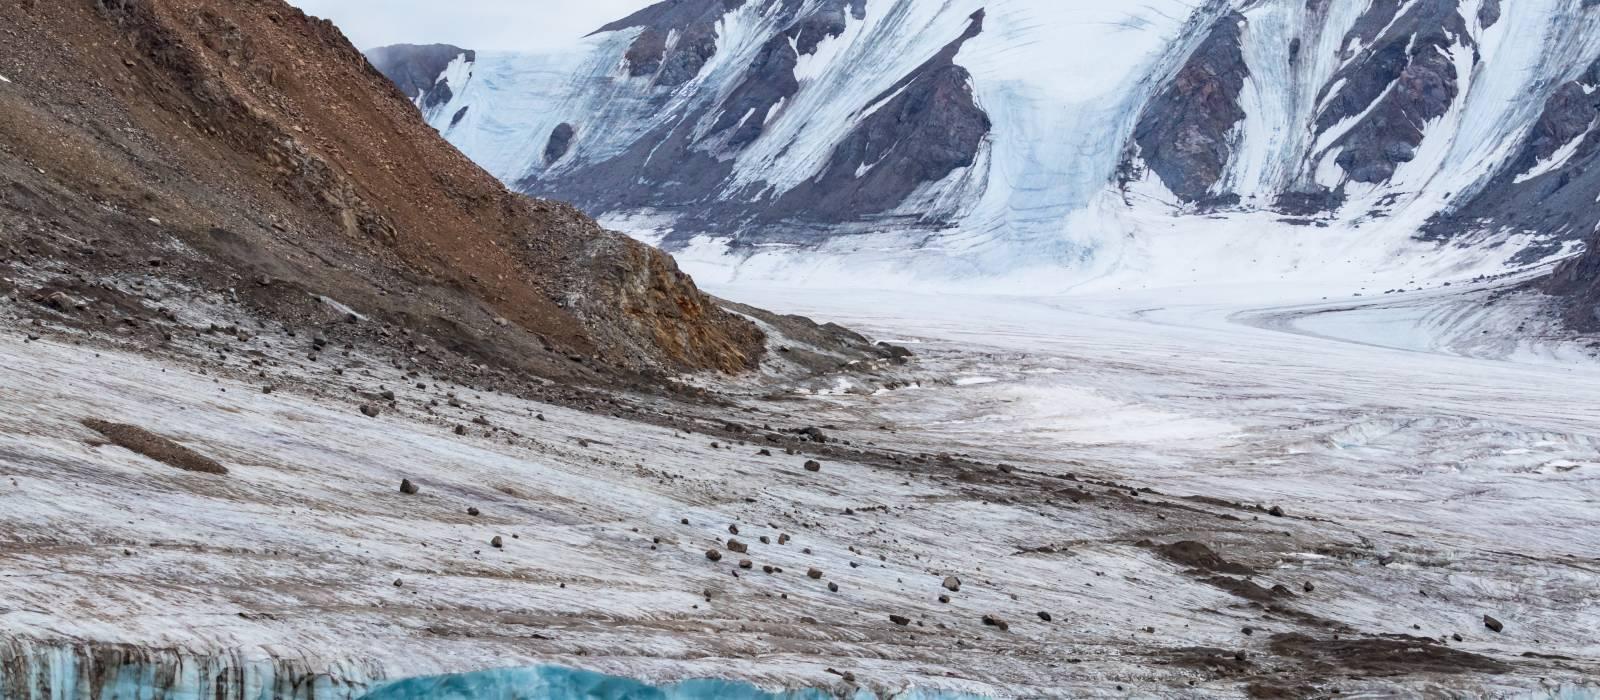 Kanadische Arktis – Nordwestpassage Kreuzfahrt zu den Inseln Ellesmere und Axel Heiberg Urlaub 1